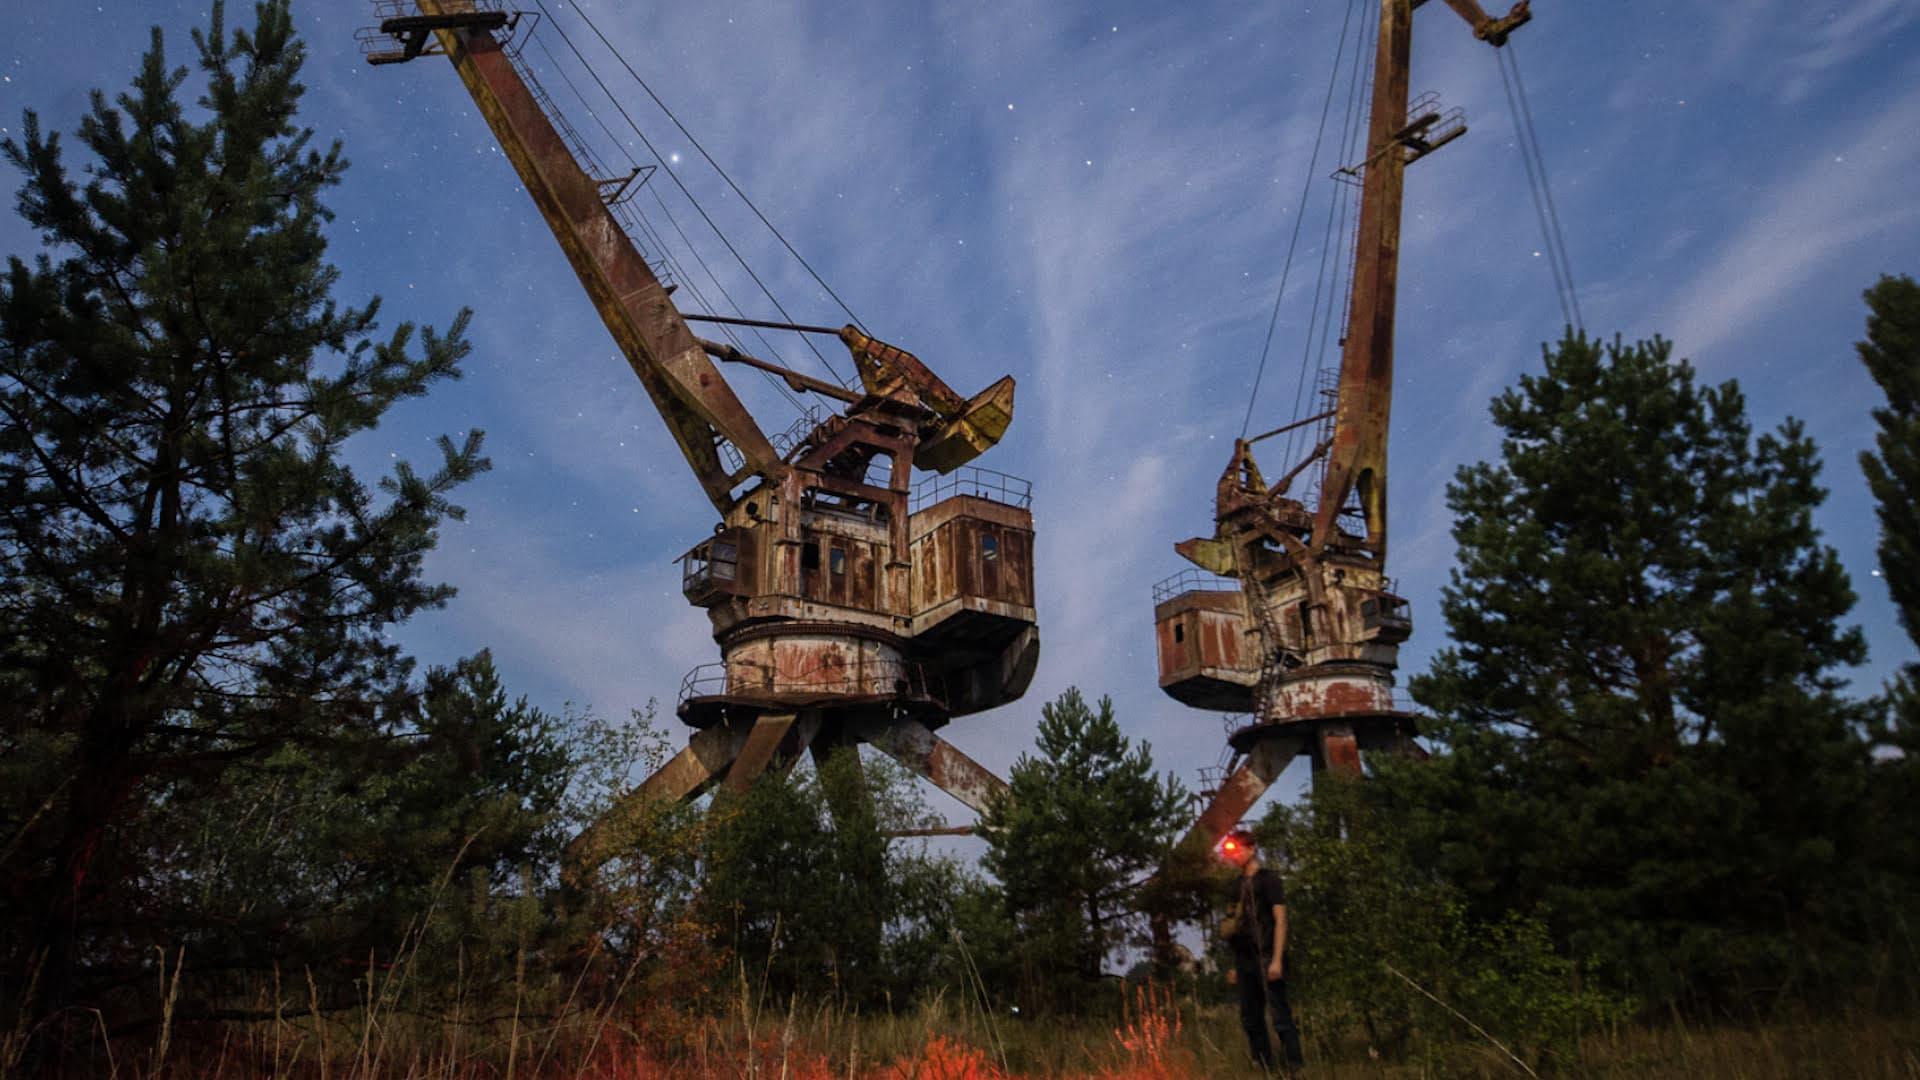 stalking-chernobyl3-film@2x